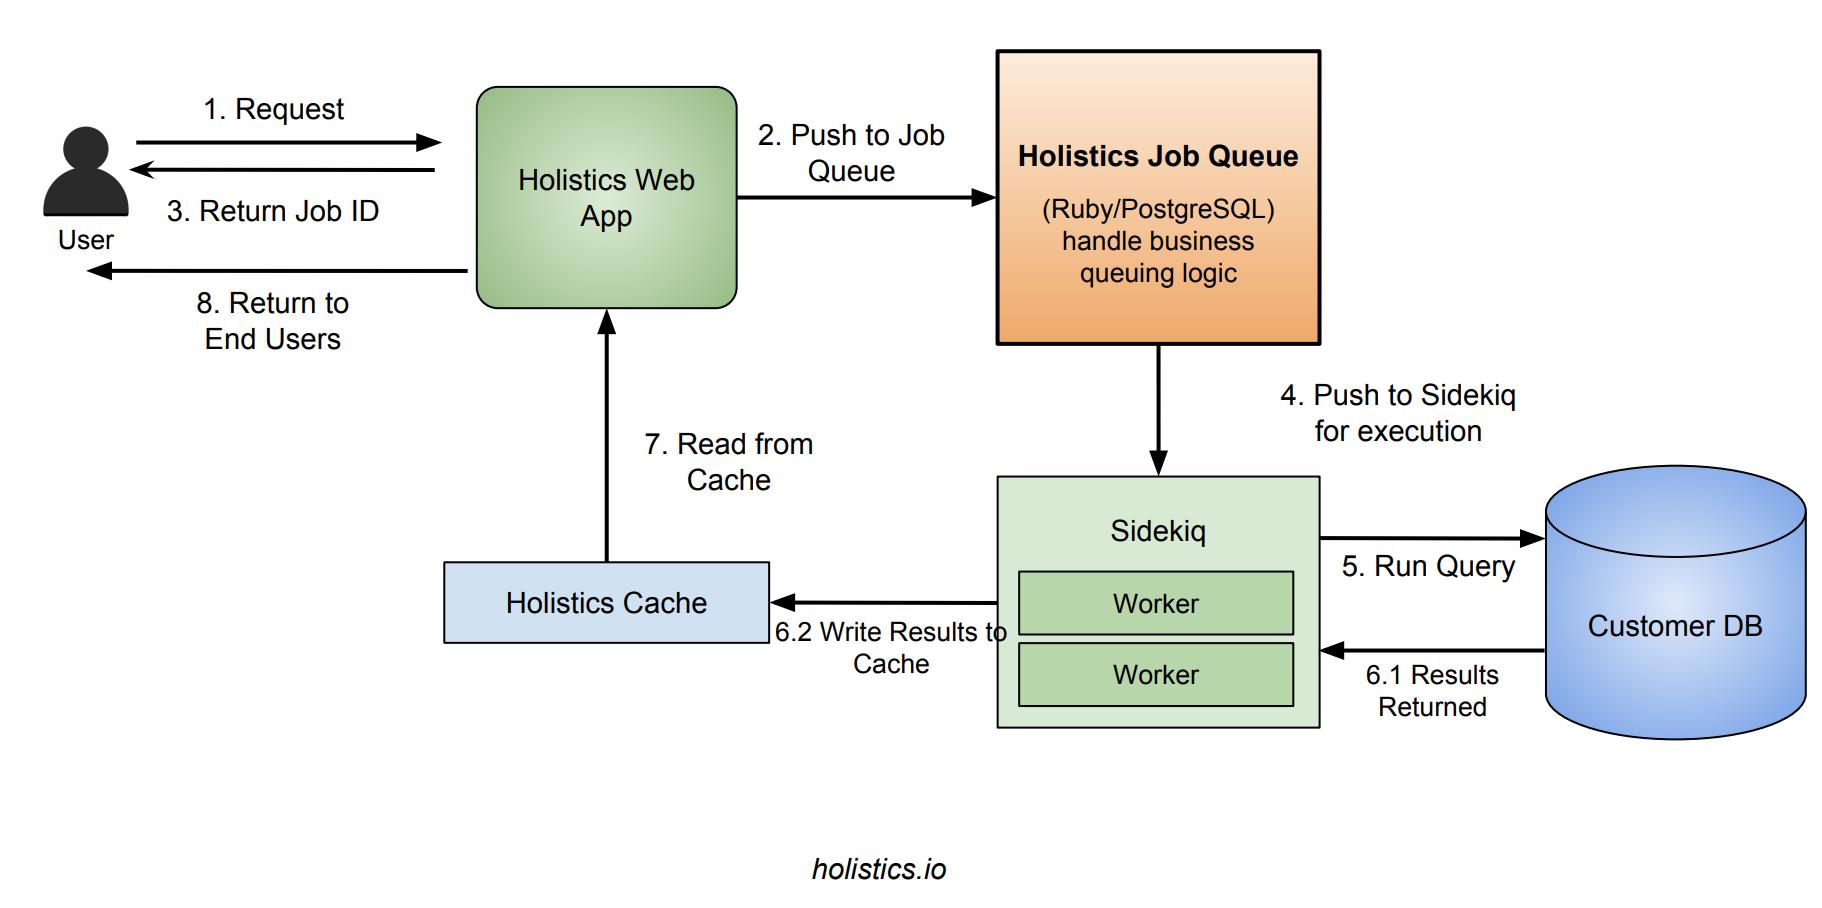 Holistics Multi-tenant job queue system